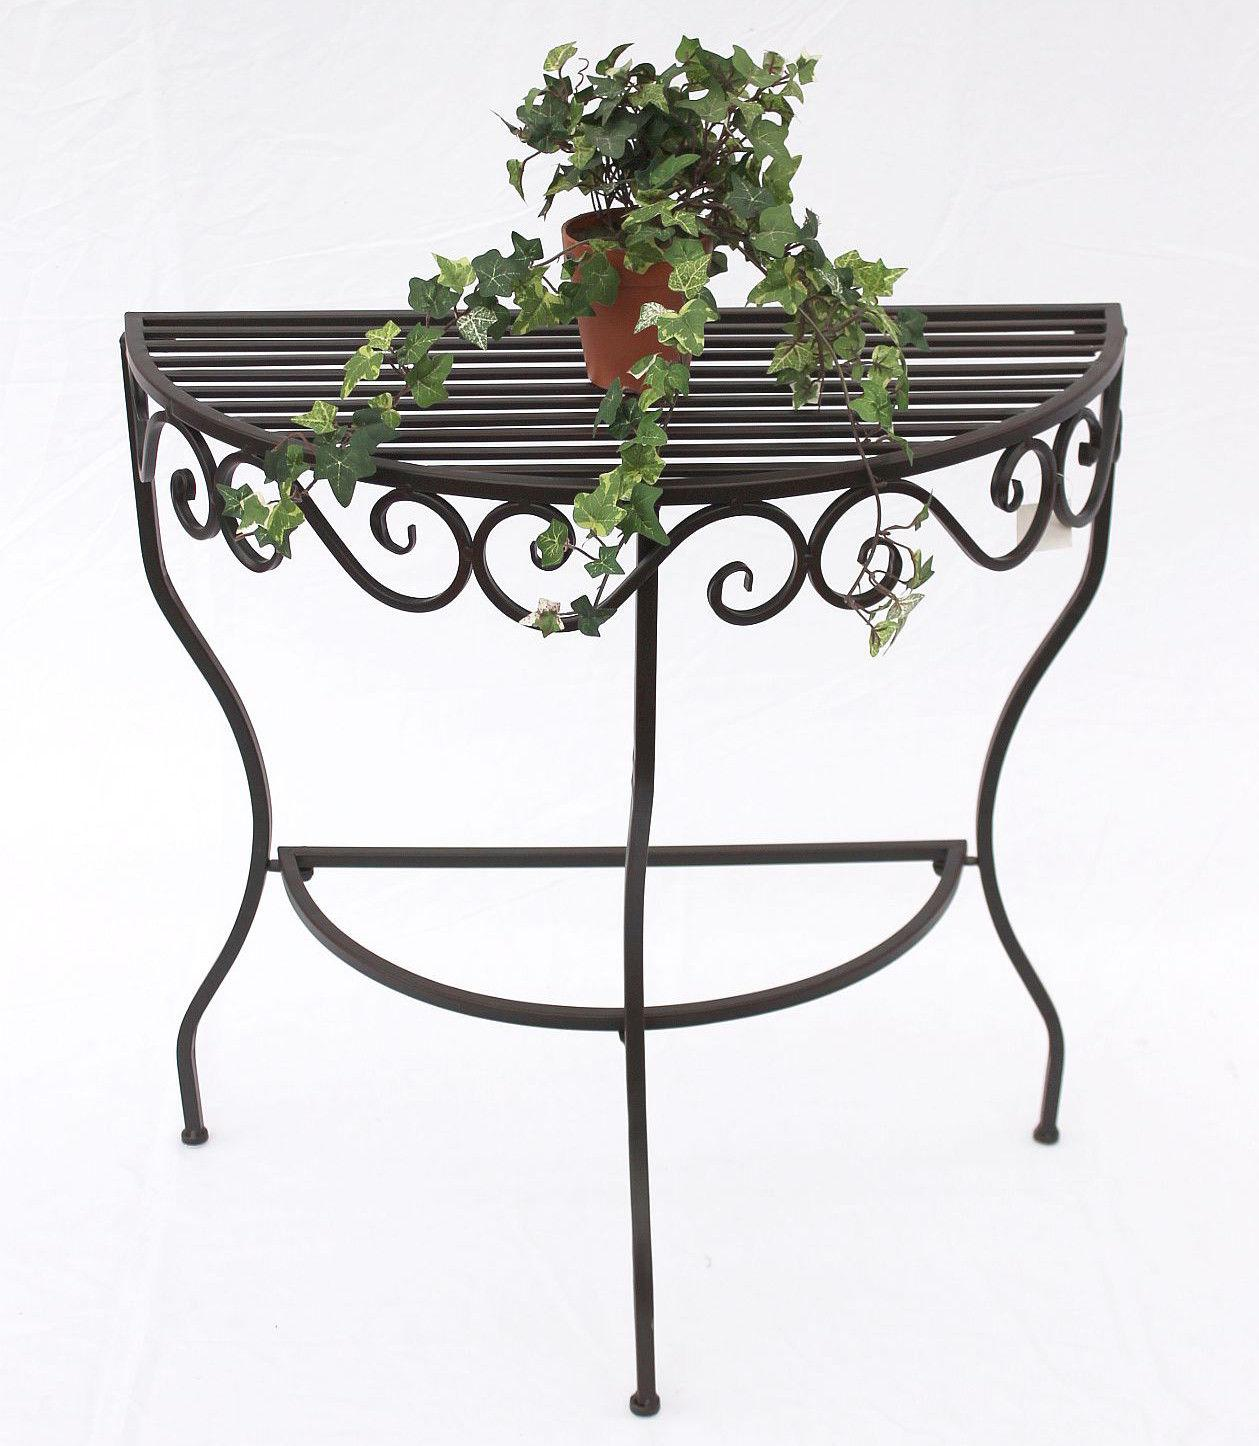 tisch wandtisch cadice 19042 beistelltisch aus metall 70 cm halbrund blumentisch ebay. Black Bedroom Furniture Sets. Home Design Ideas